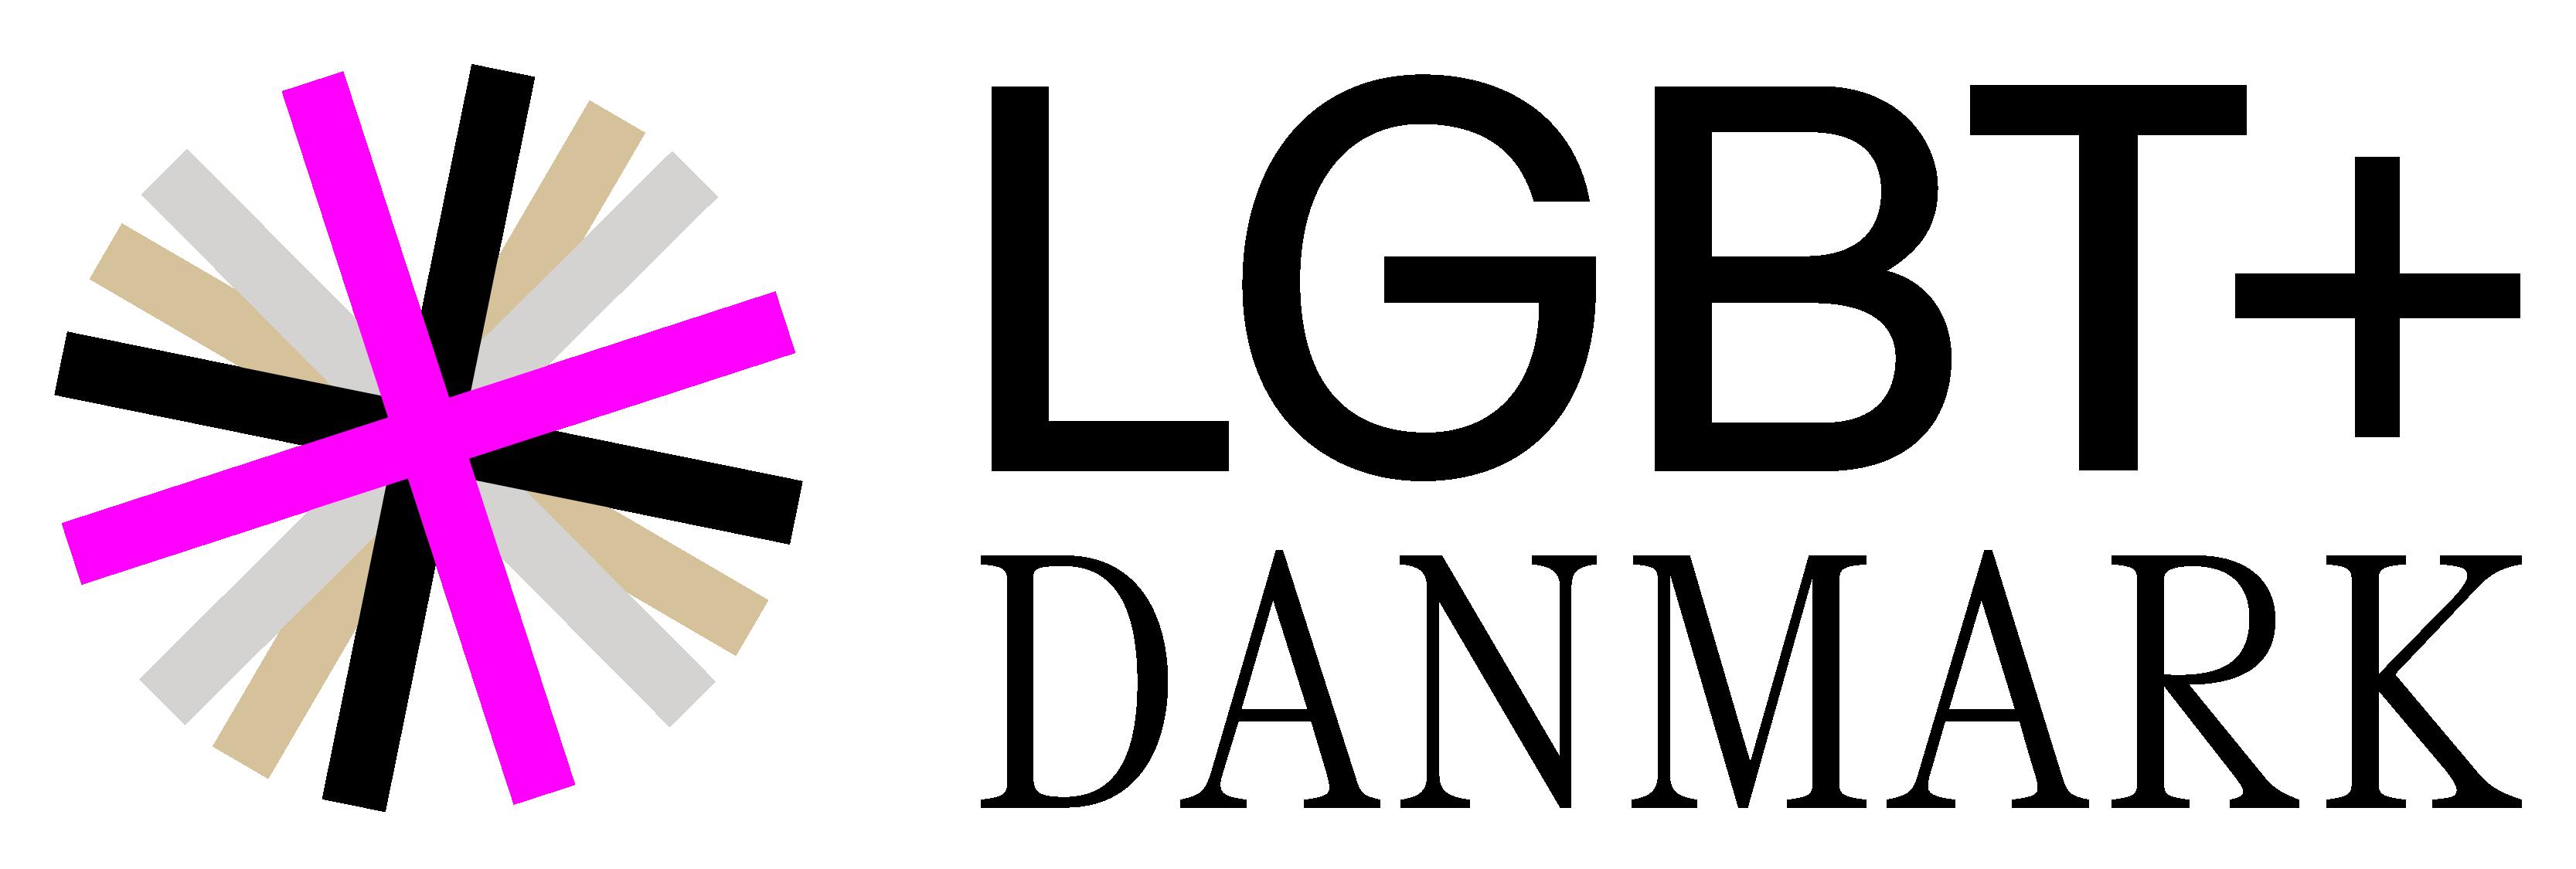 https://merearbejdsplads.leadagency.dk/wp-content/uploads/2021/07/lgbtdk_logo_v1.png